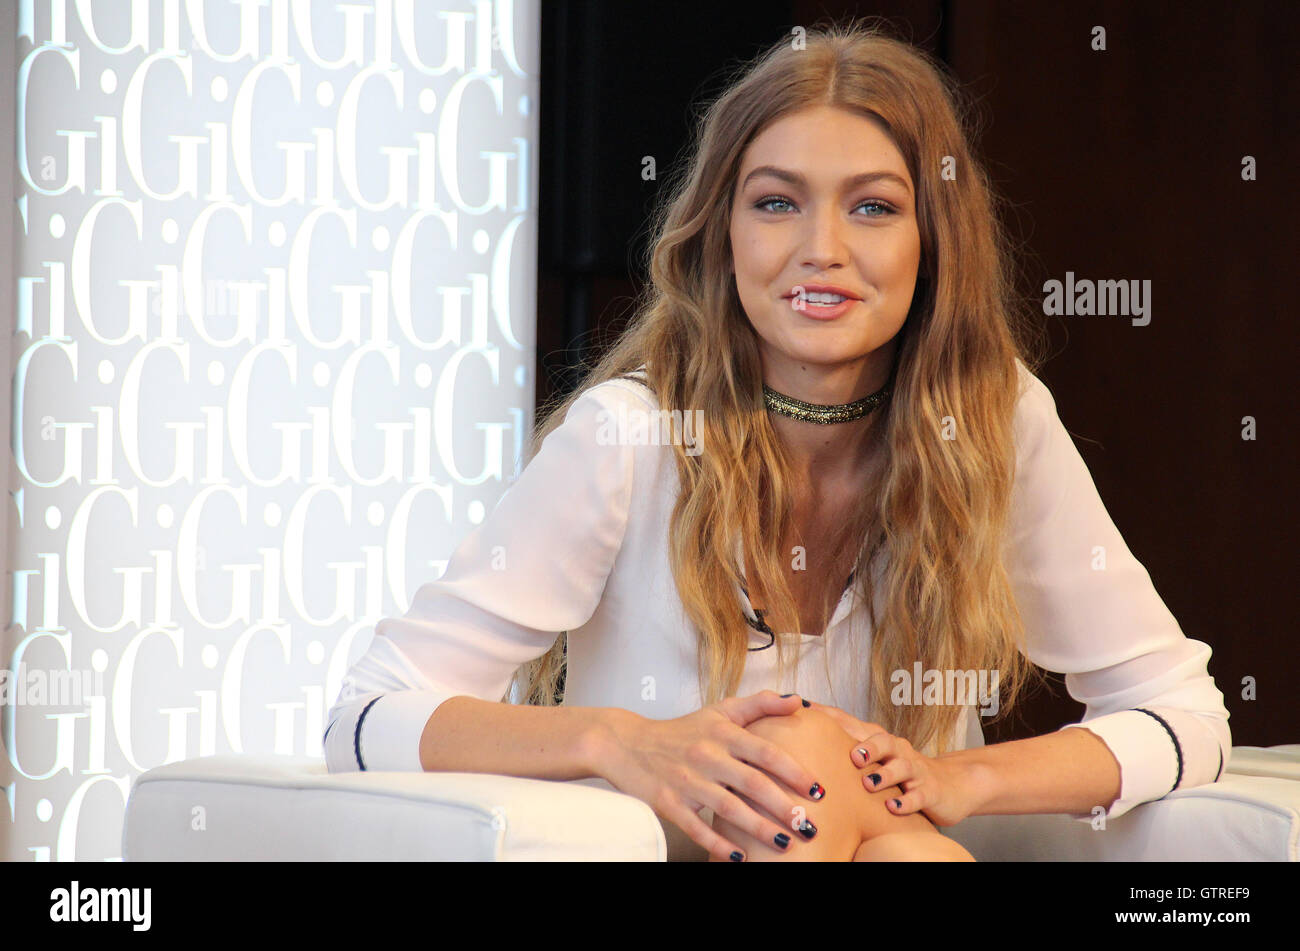 New York, USA. 09Th Sep 2016. Gigi Hadid modèle parle lors d'une conférence de presse au cours de Photo Stock